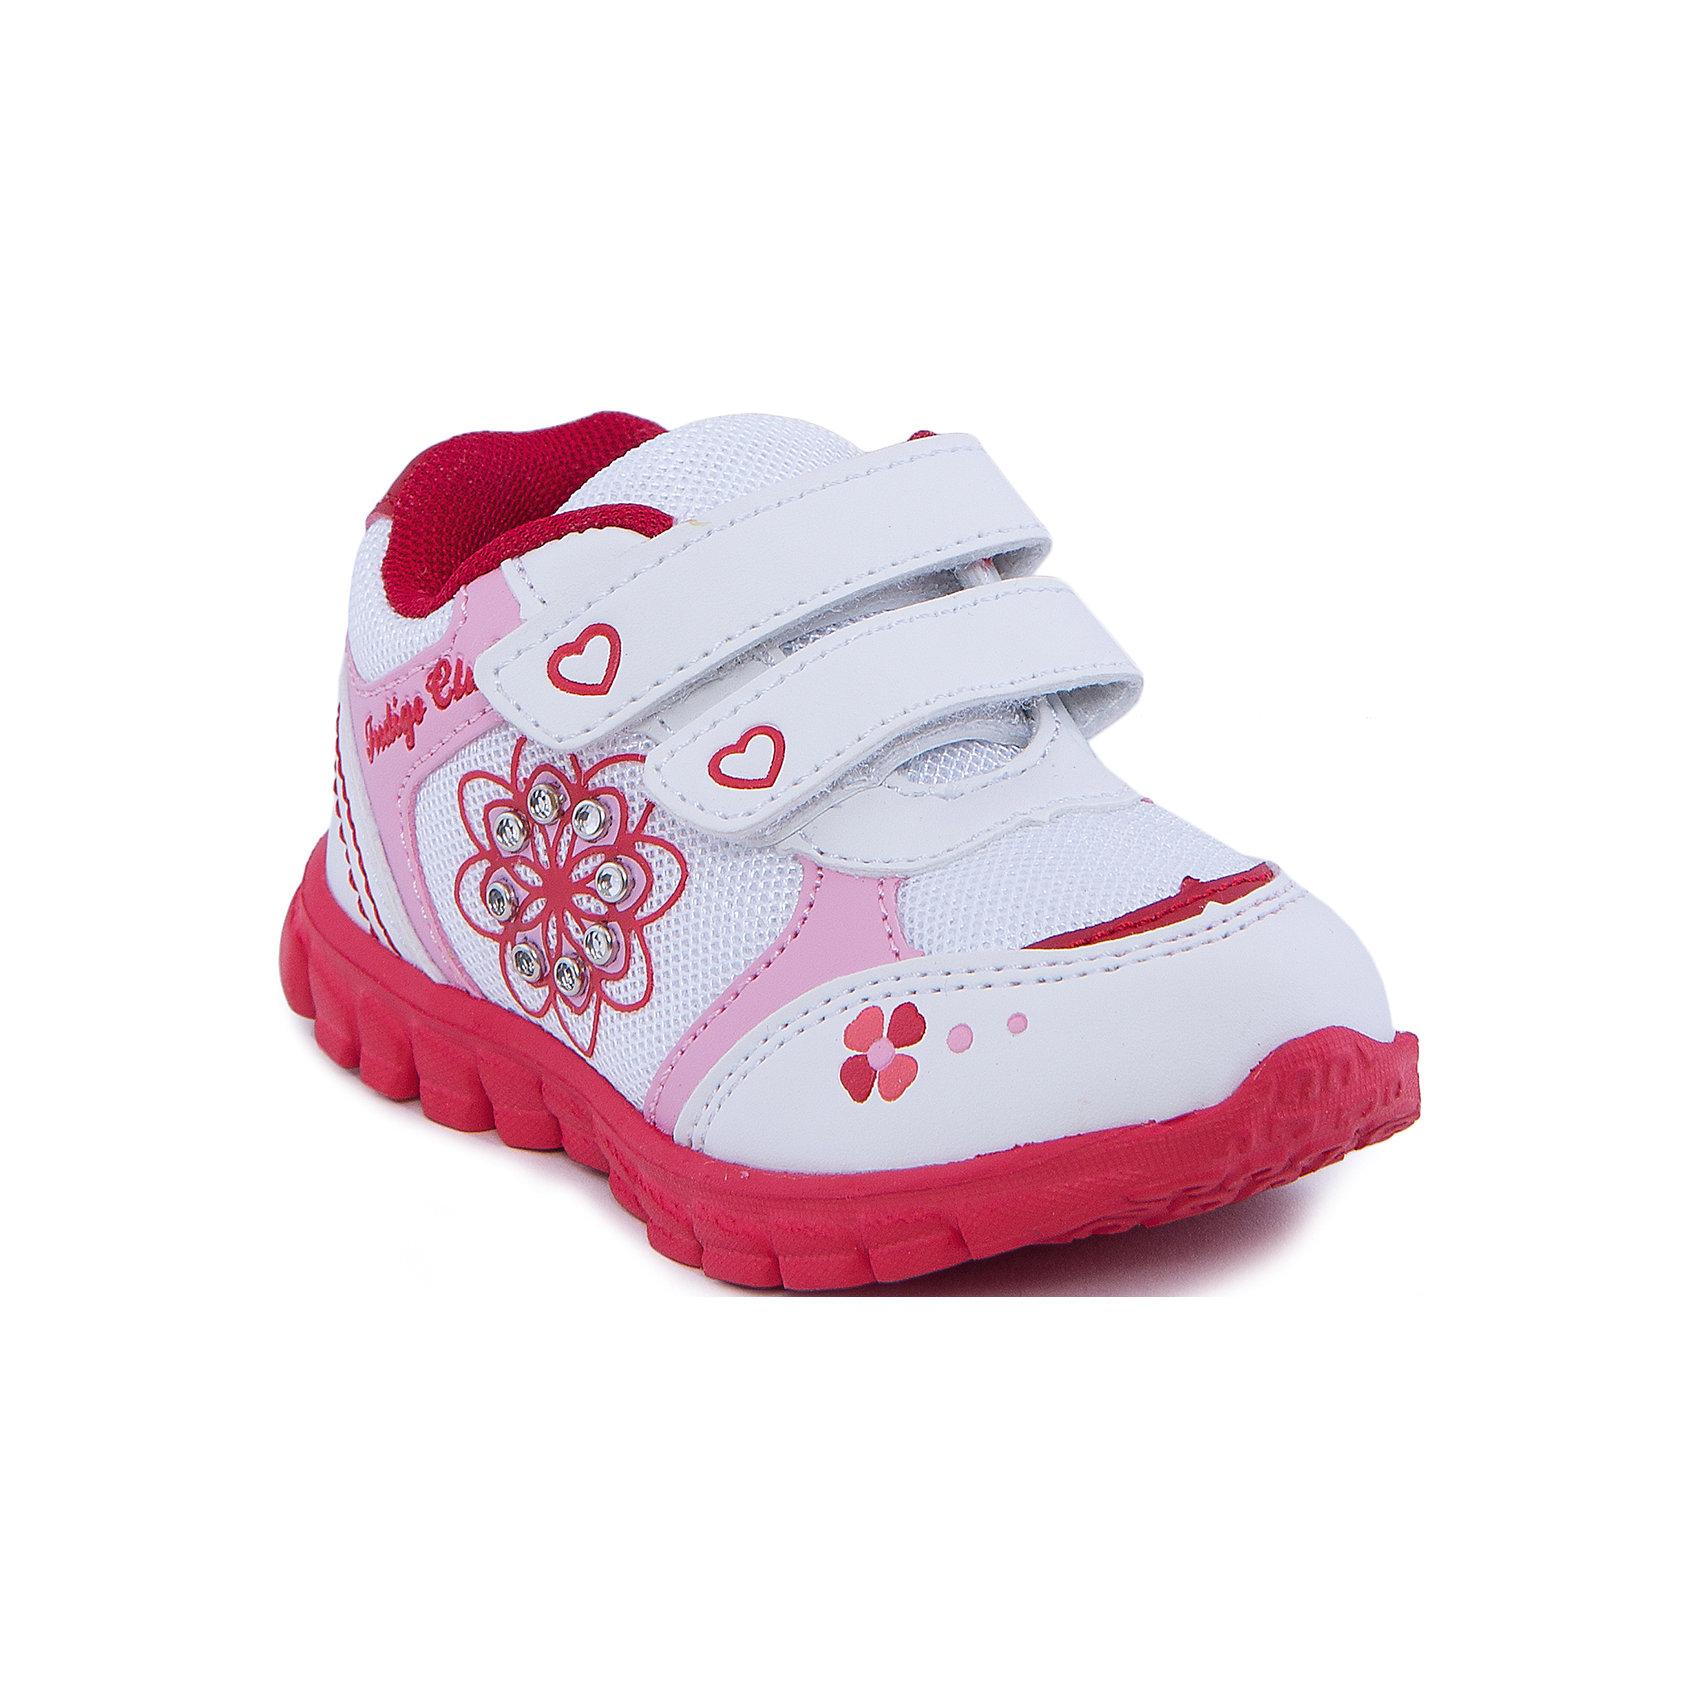 Indigo kids Кроссовки для девочки Indigo kids кроссовки для девочки indigo kids цвет розовый 90 103a 12 размер 31